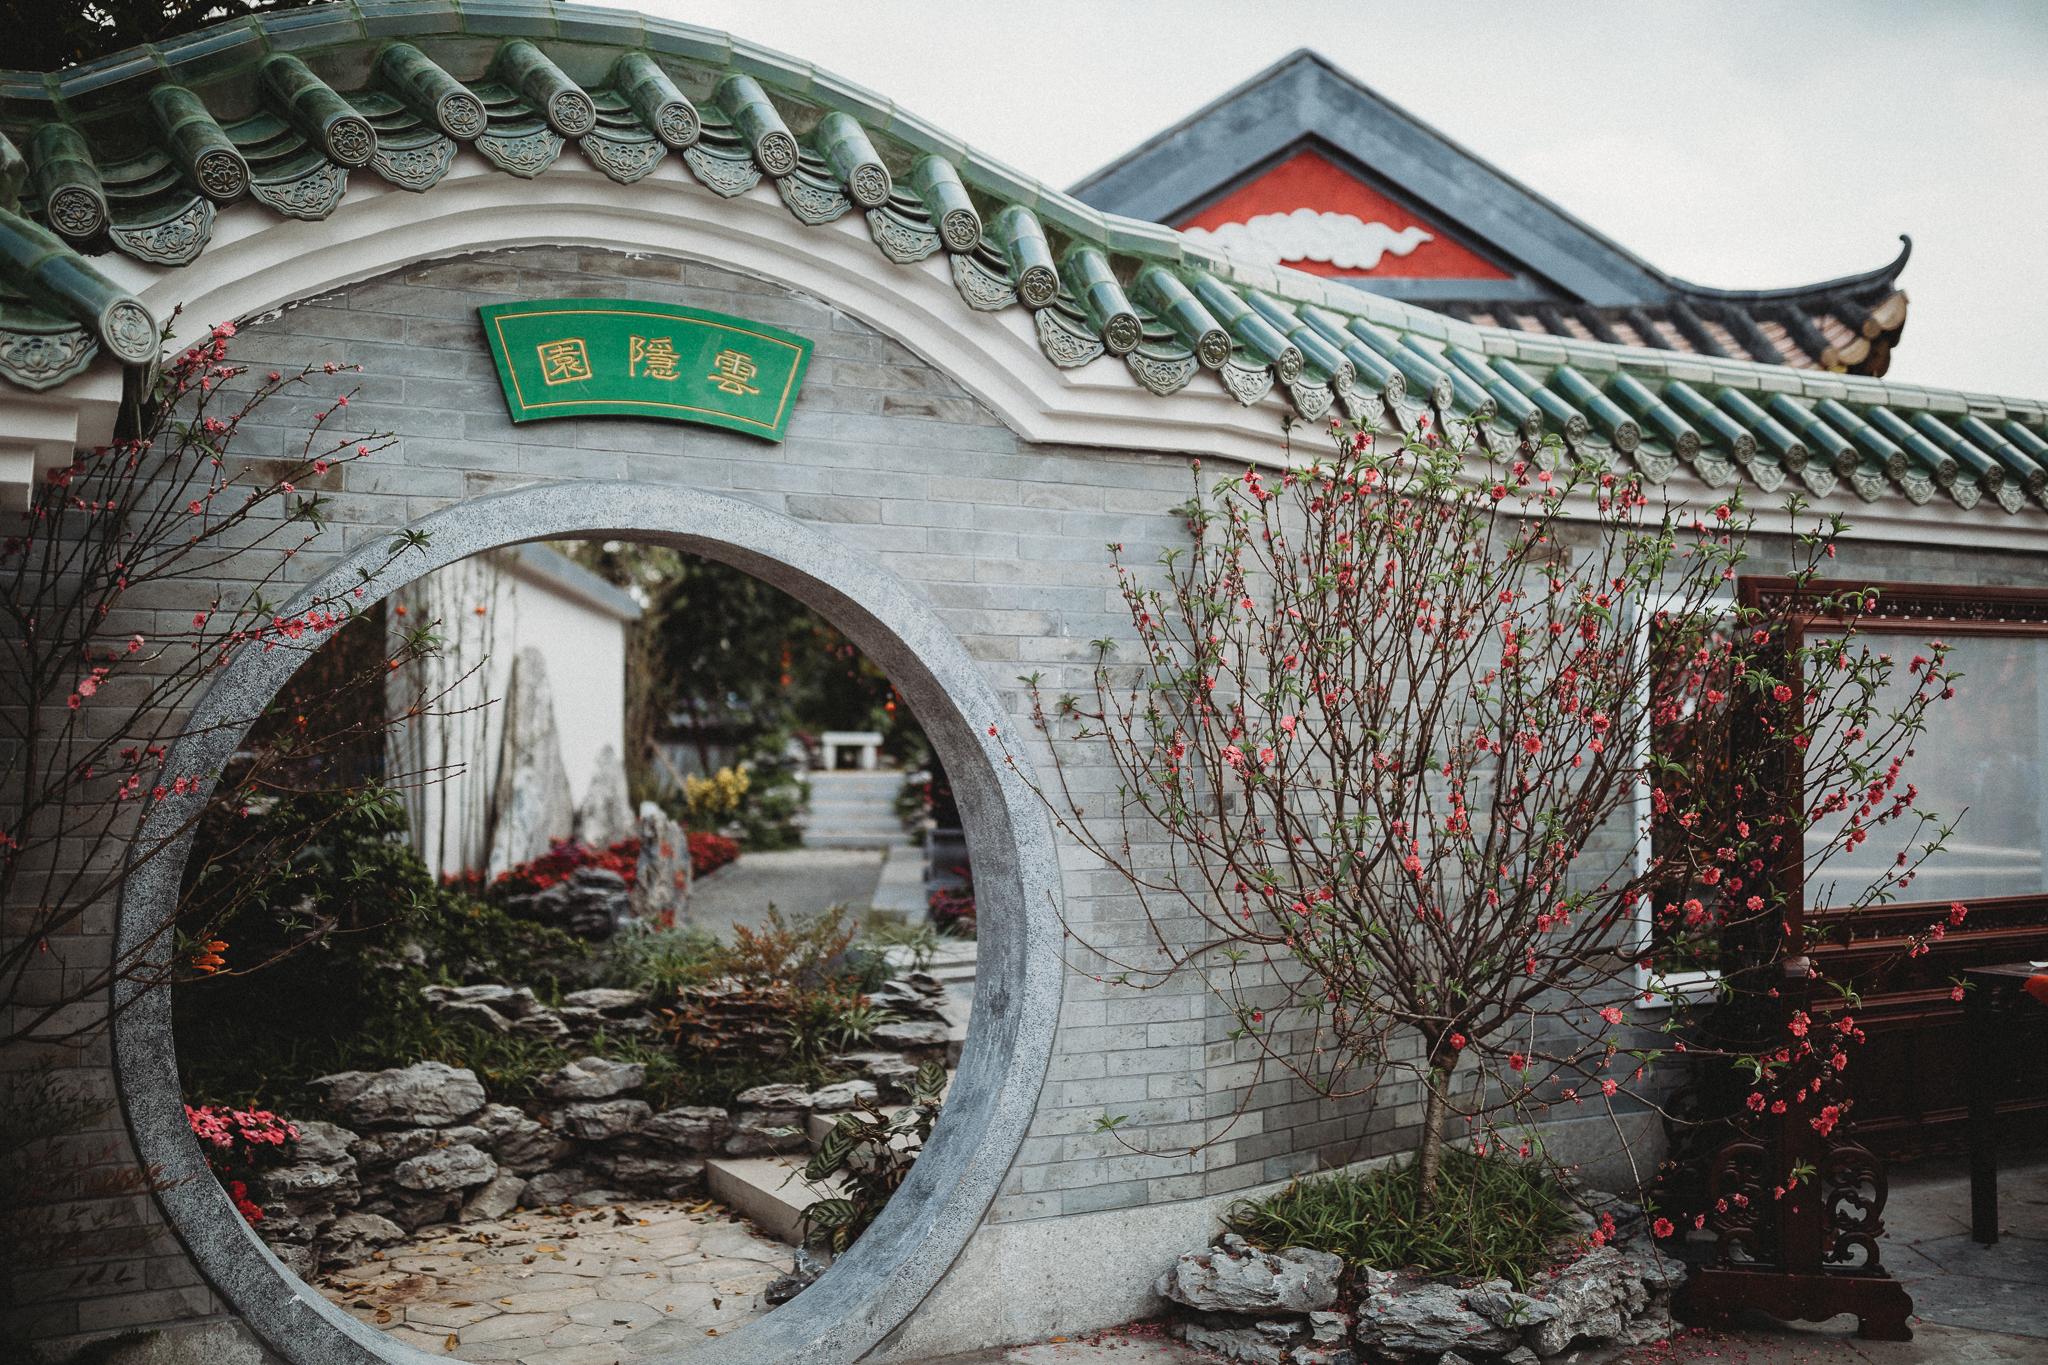 Haixinsha Flower festival, Chinese New Year, Guangzhou China (6 of 20).jpg